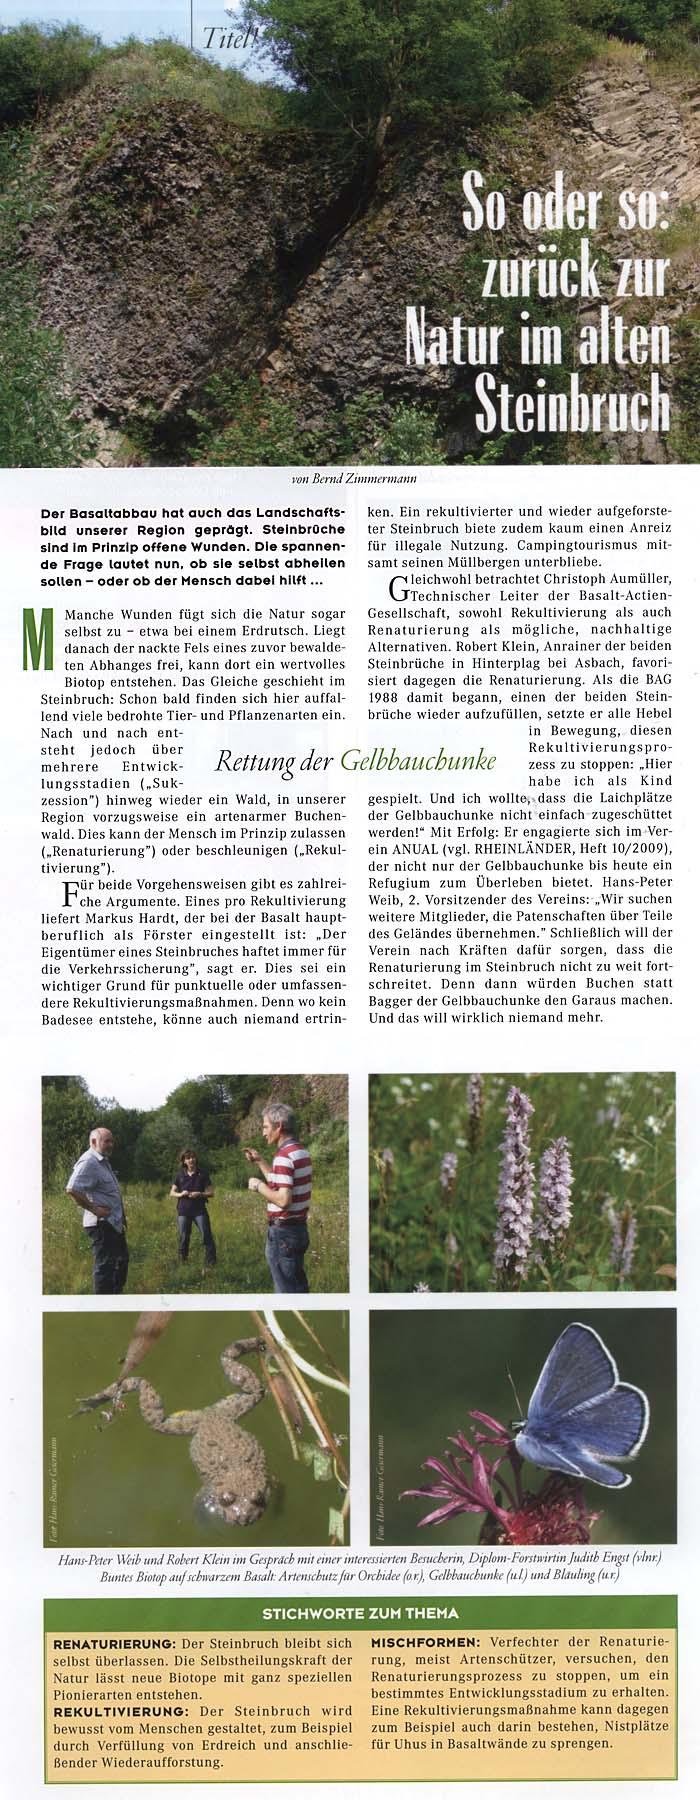 Der Rheinländer Heft 12 – August 2009